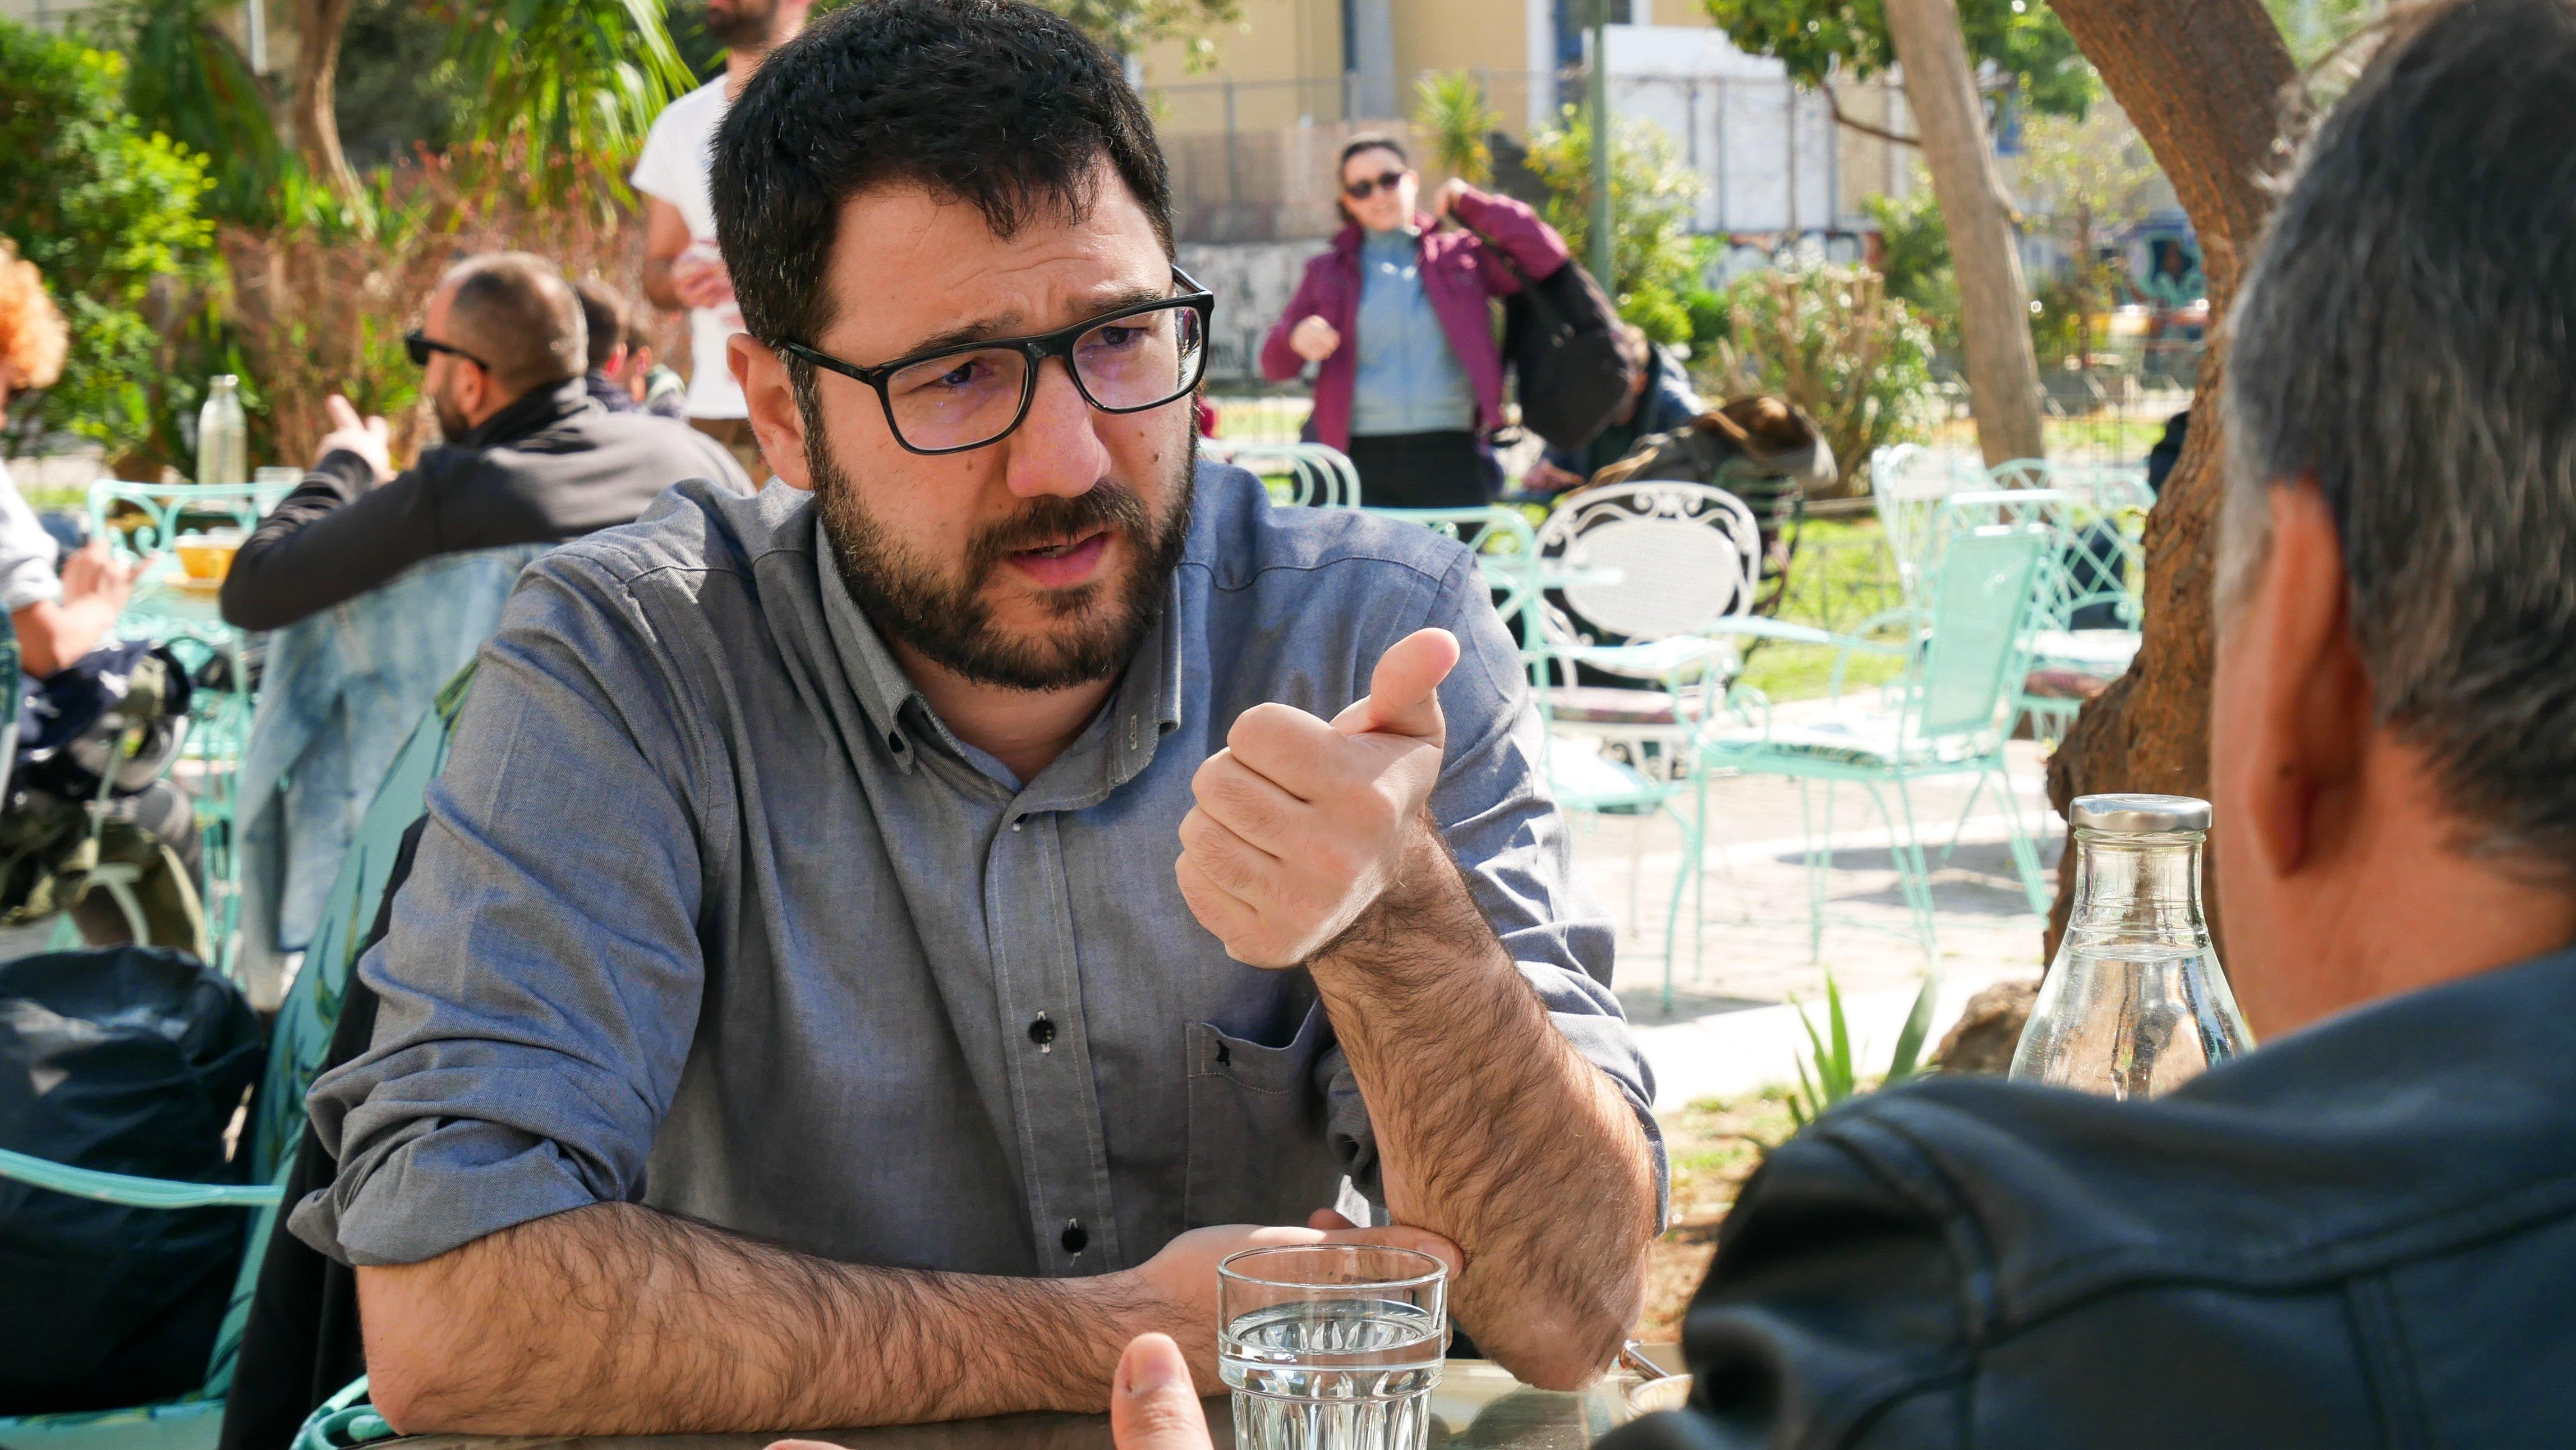 Νάσος Ηλιόπουλος: Στις 3 Ιουνίου θα είμαι ένας χαρούμενος άνθρωπος με σημαντικές